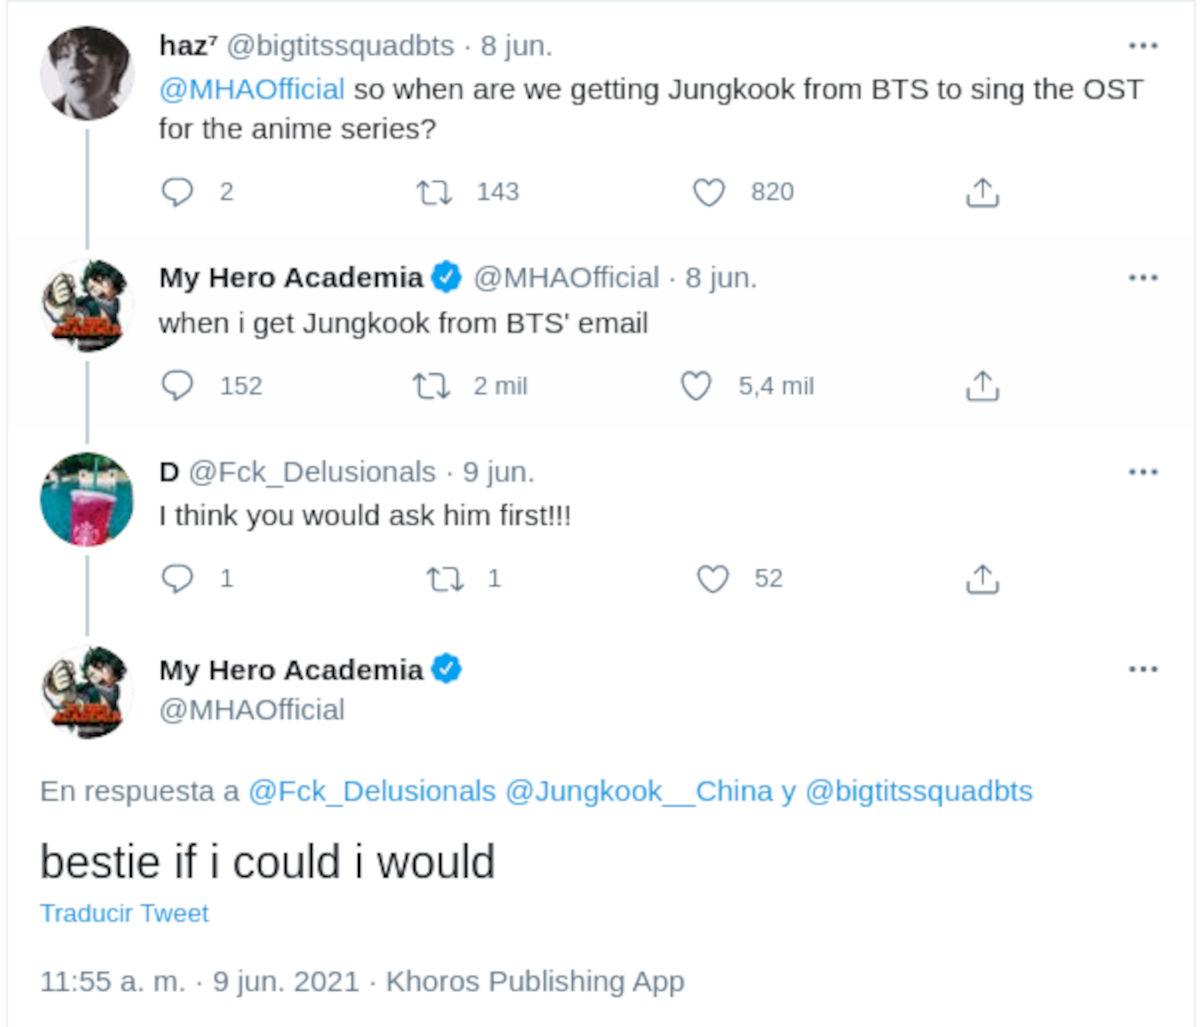 Piden que Jungkook de BTS cante la música de My Hero Academia